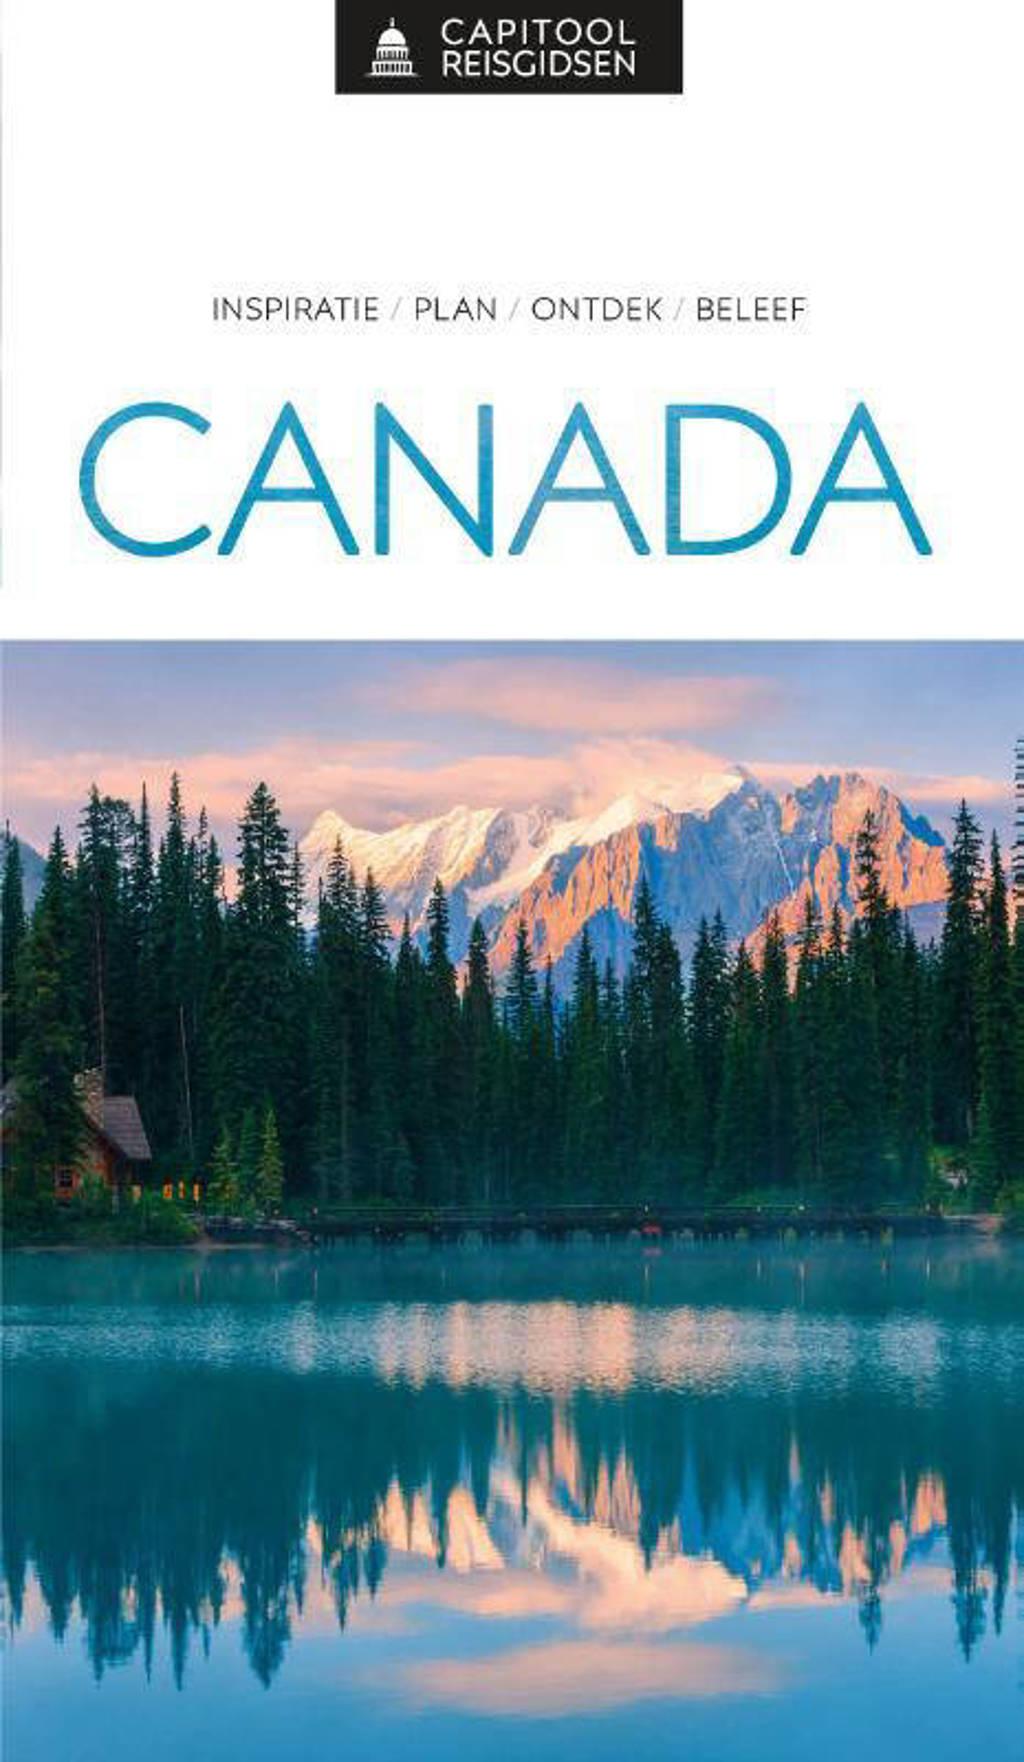 Capitool reisgidsen: Canada - Capitool